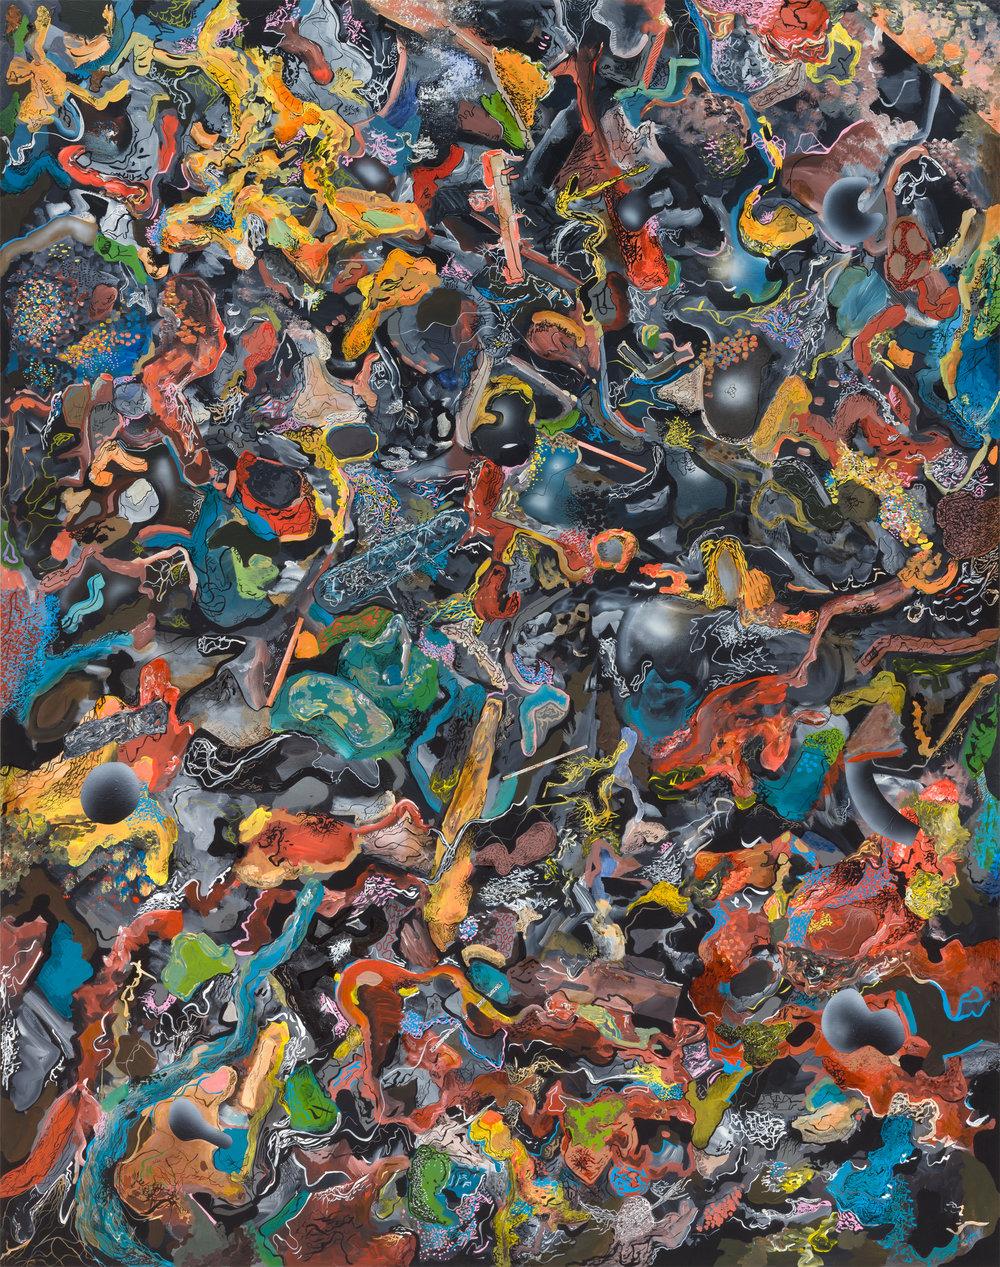 Tymek Borowski Untitled,2016, acrylic and indian ink on canvas, 150 x 190 cm